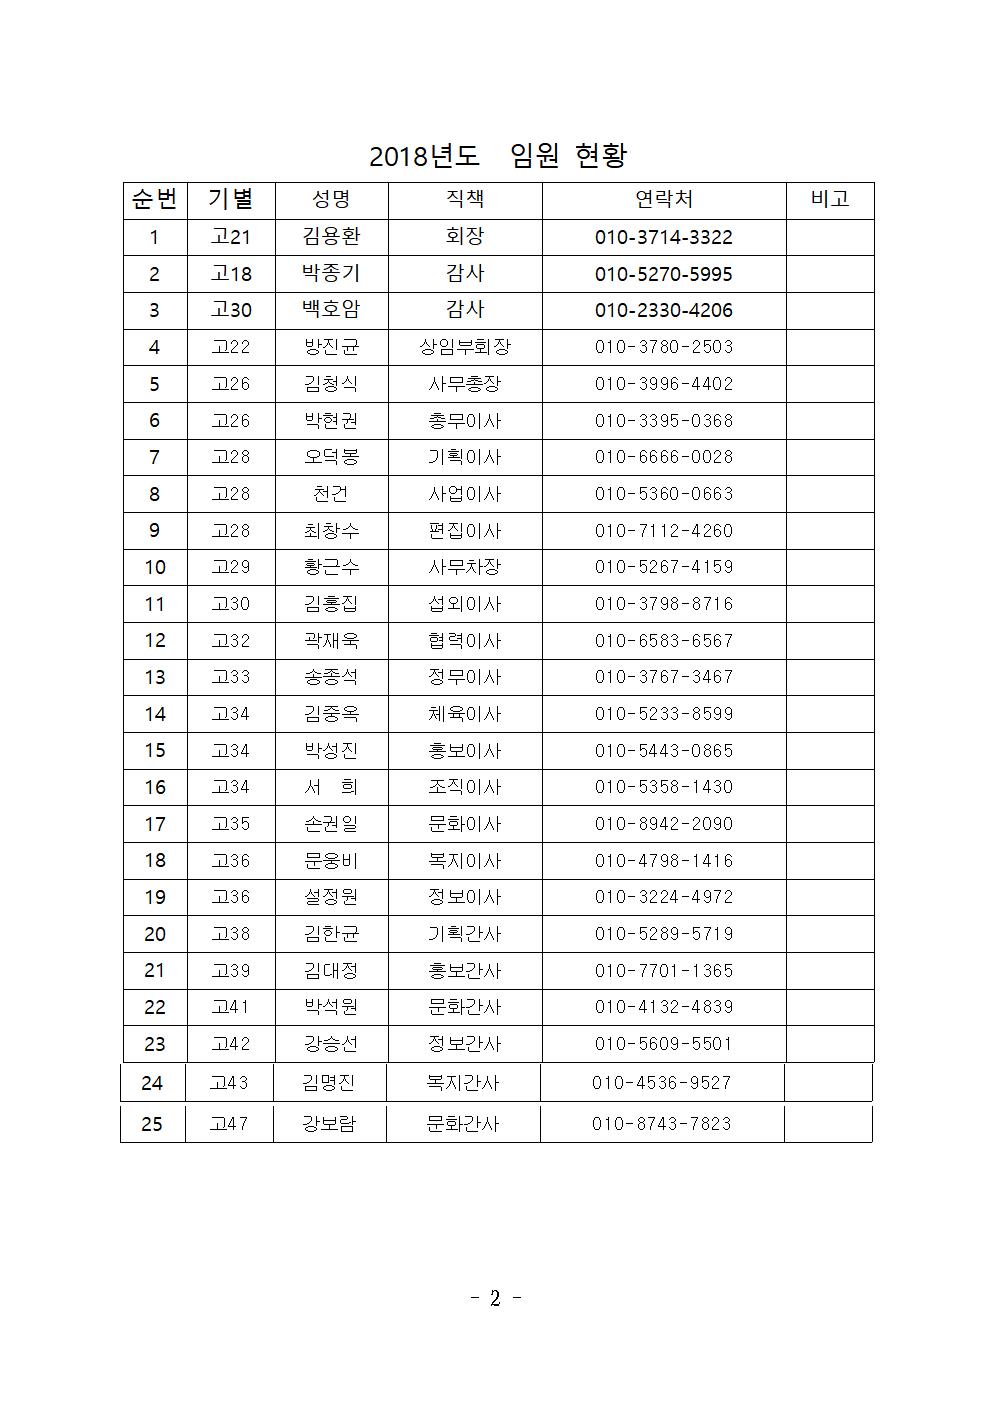 2018년도 제2차 대의원 회의 자료004.png